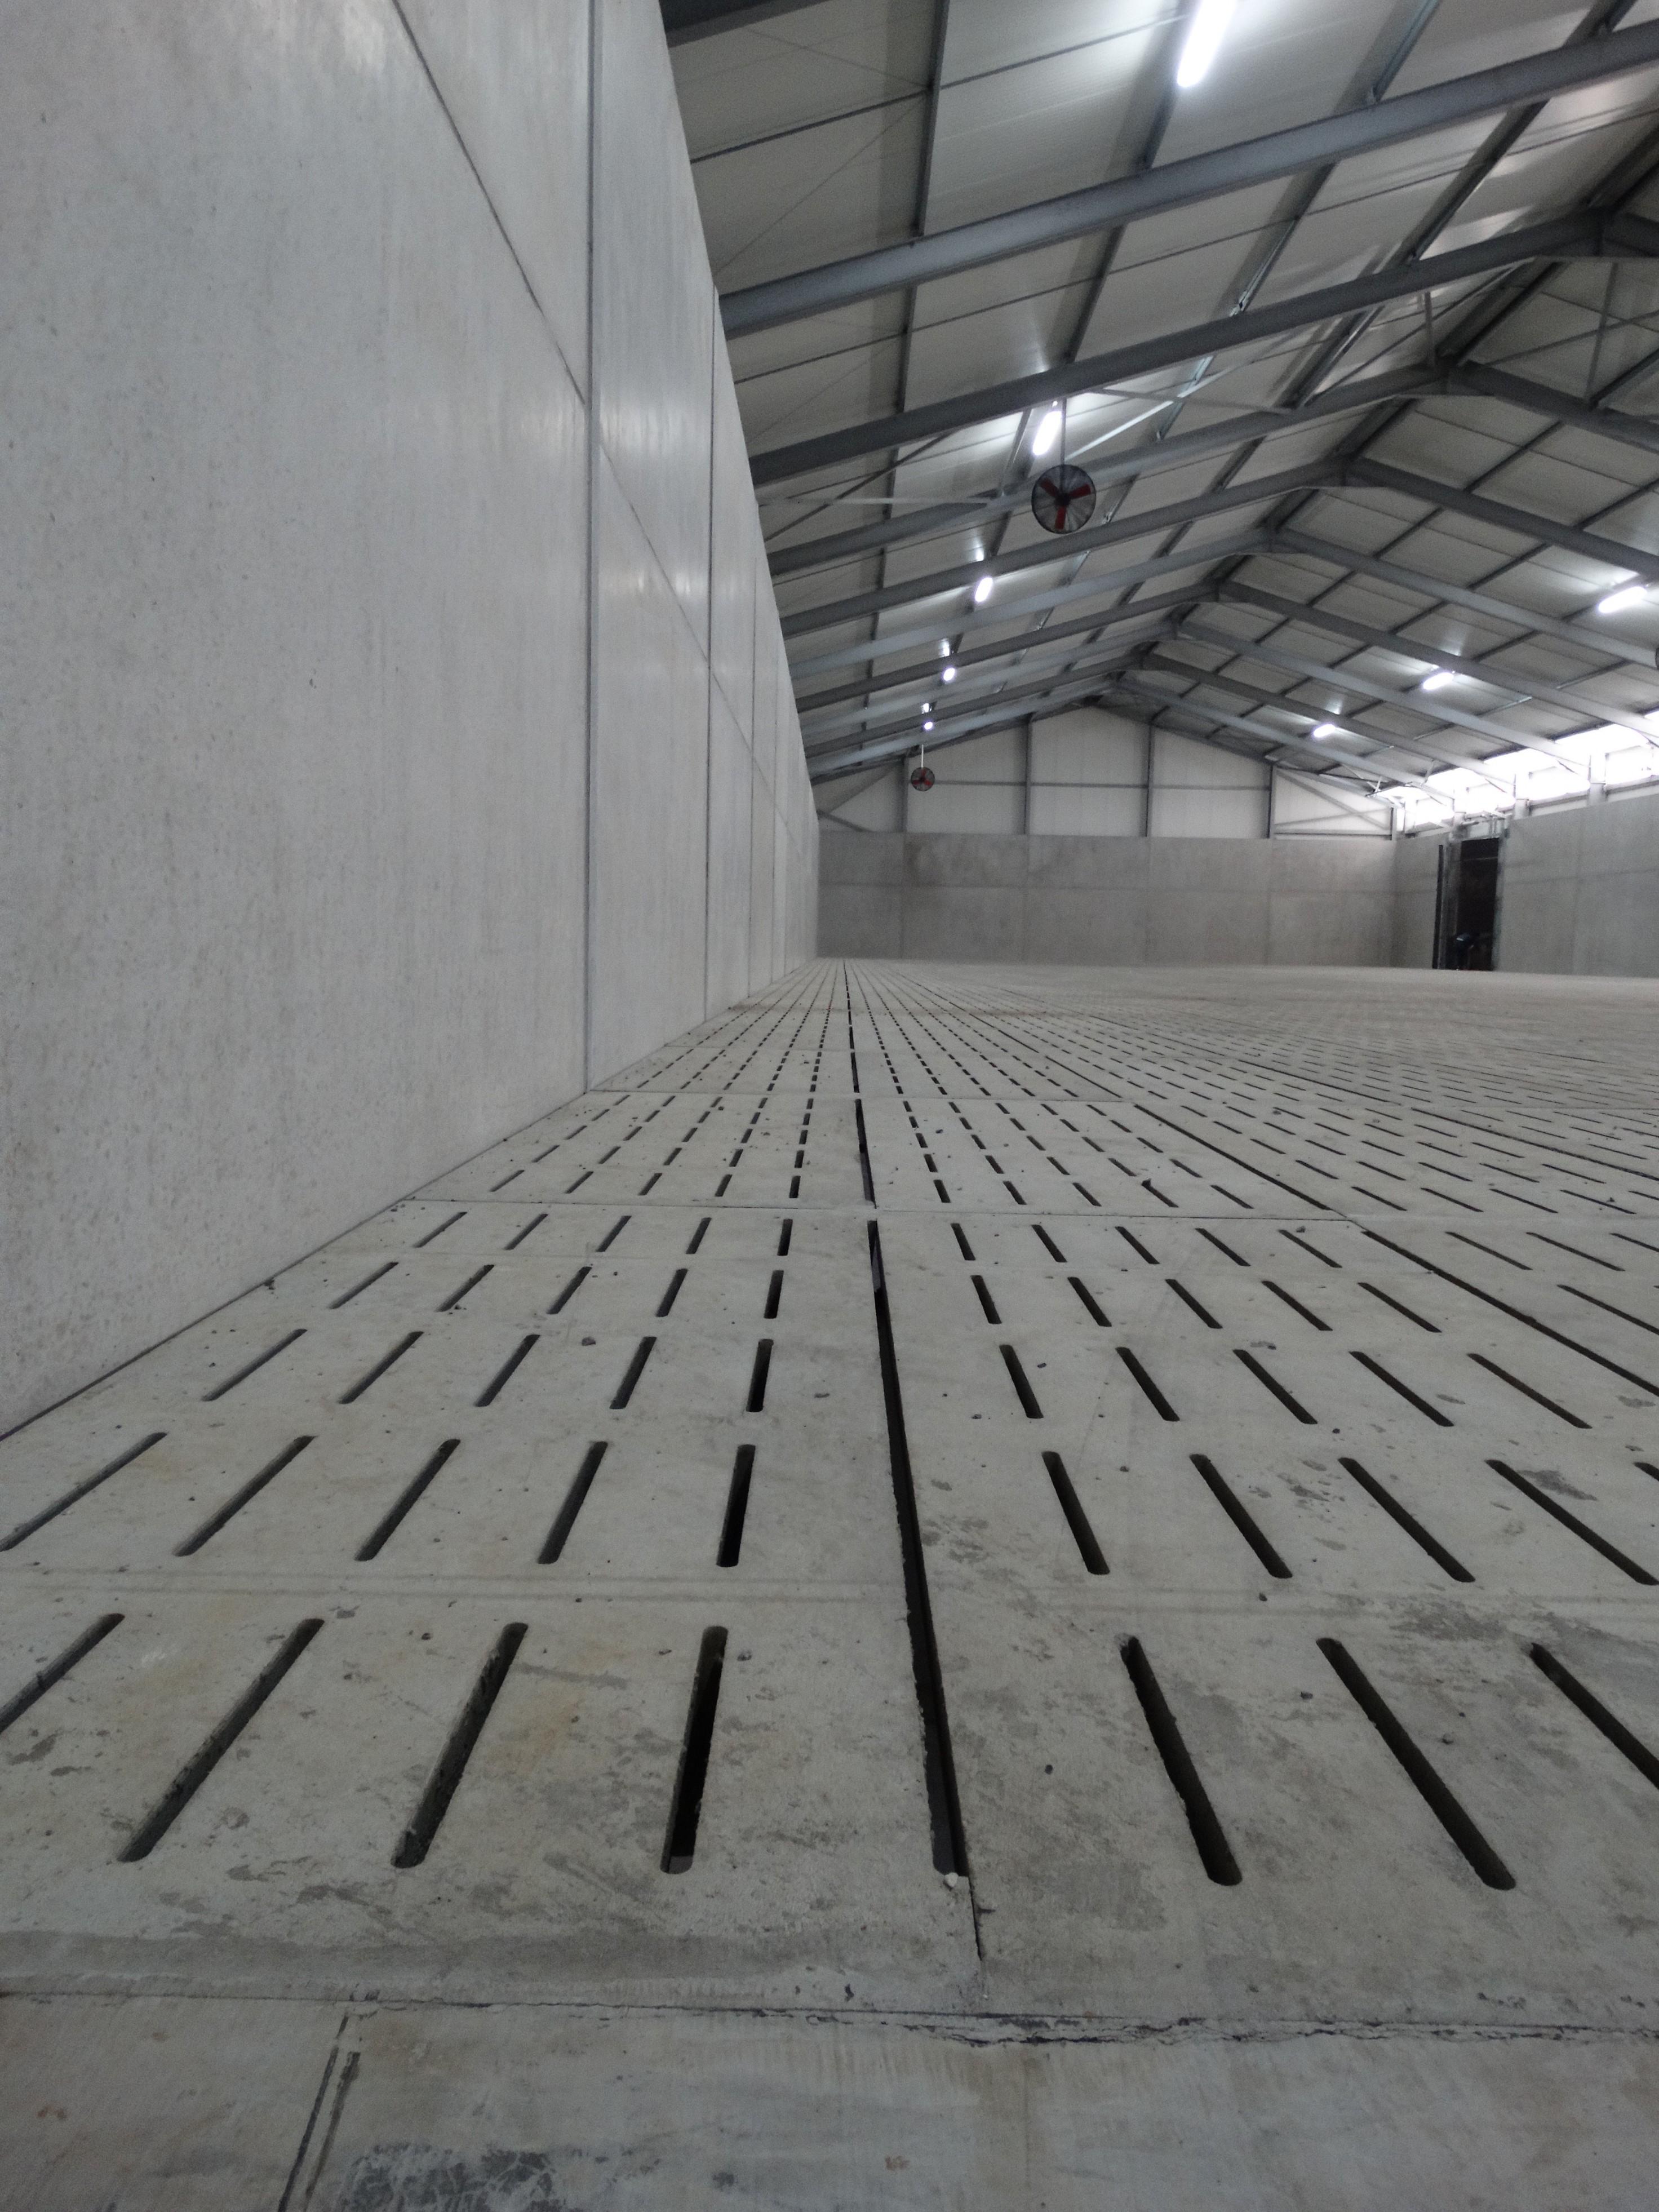 lefevre-Rosseignies-aardappelloods_hangar stockage pommes de terre (3).JPG